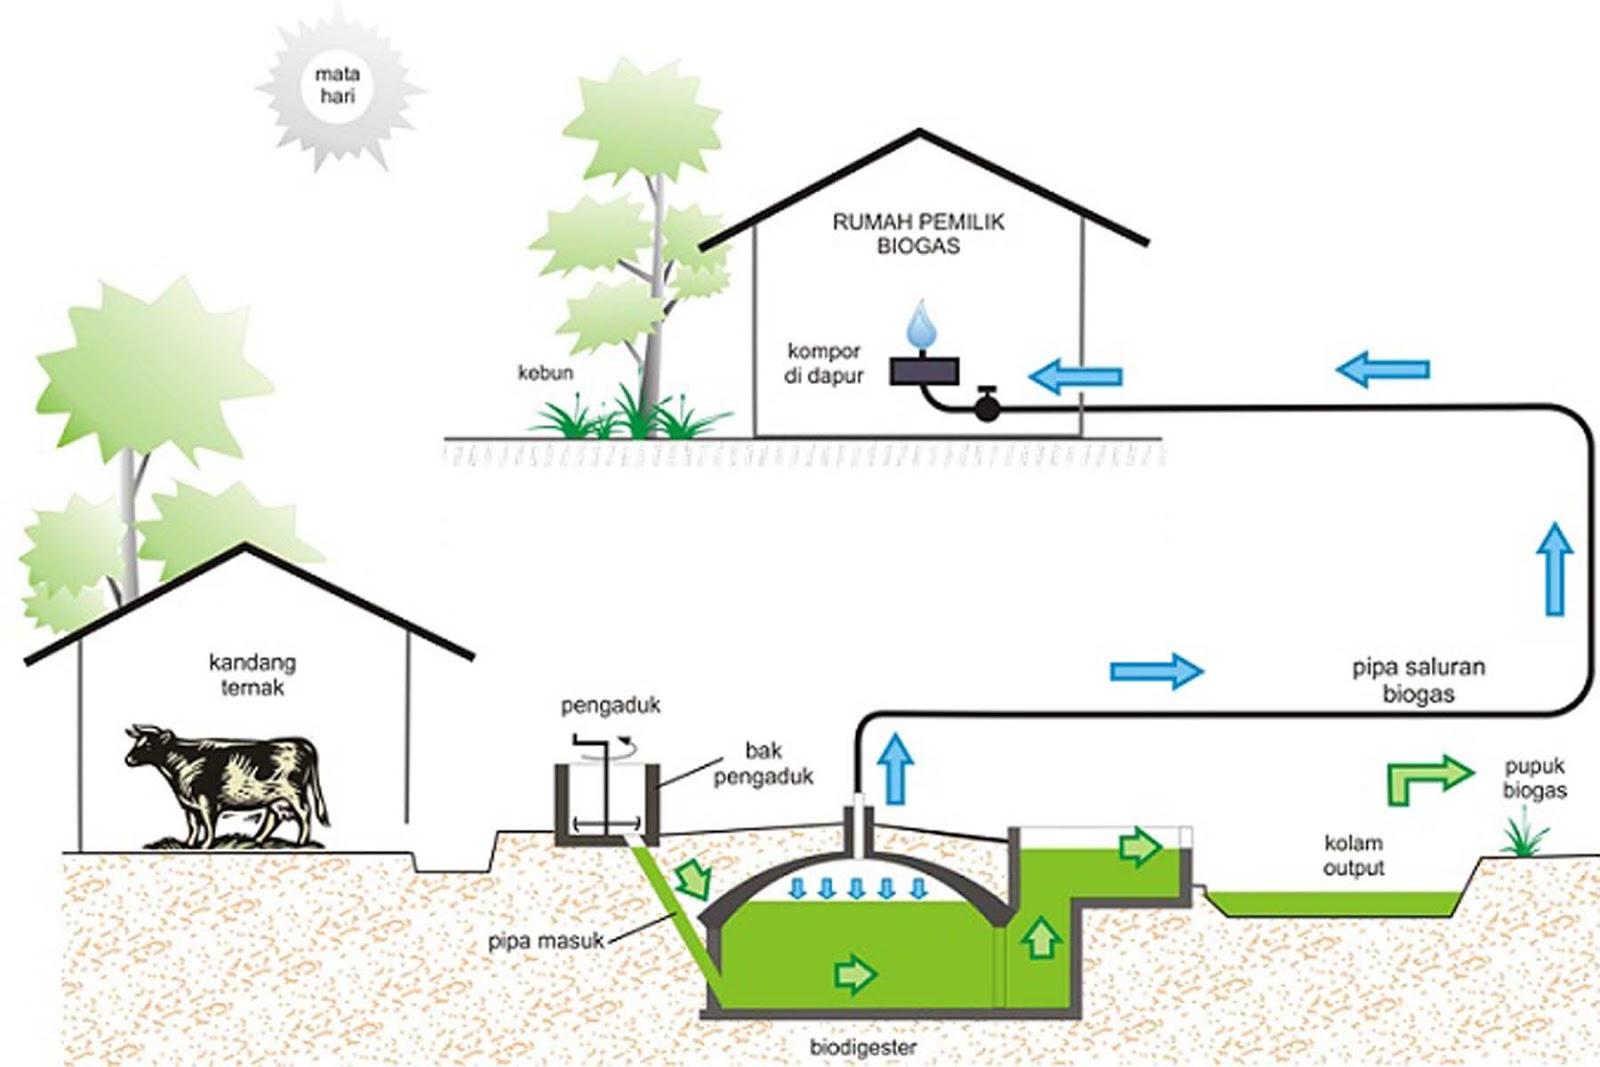 Gerai Arsitek: Proses Pembuatan Biogas Dari Kotoran Sapi